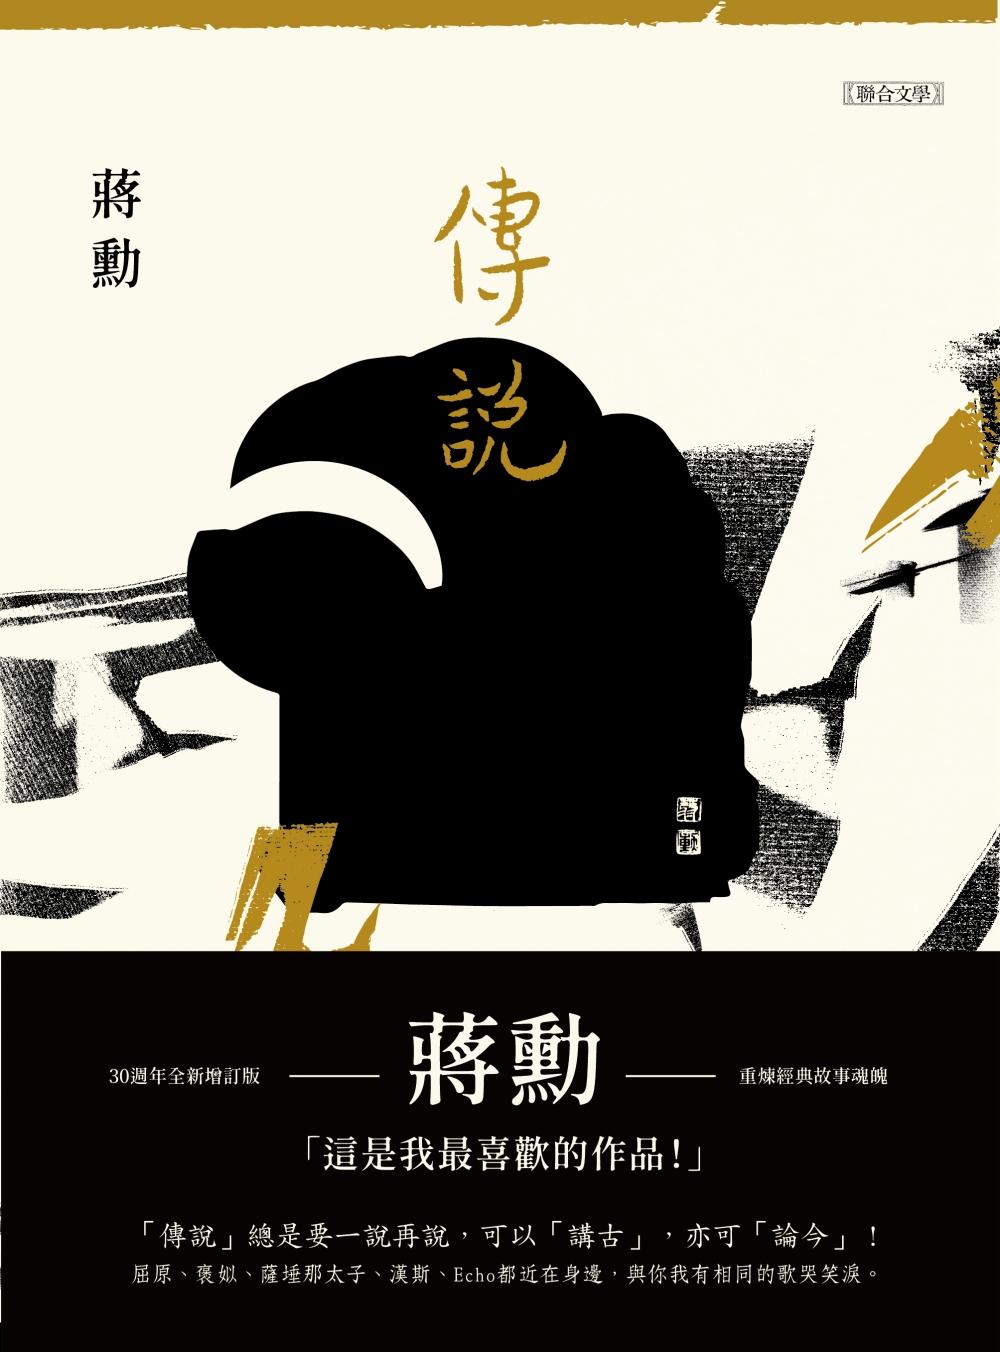 傳說(首刷限量作者親筆簽名版+蔣勳說佛經故事CD)